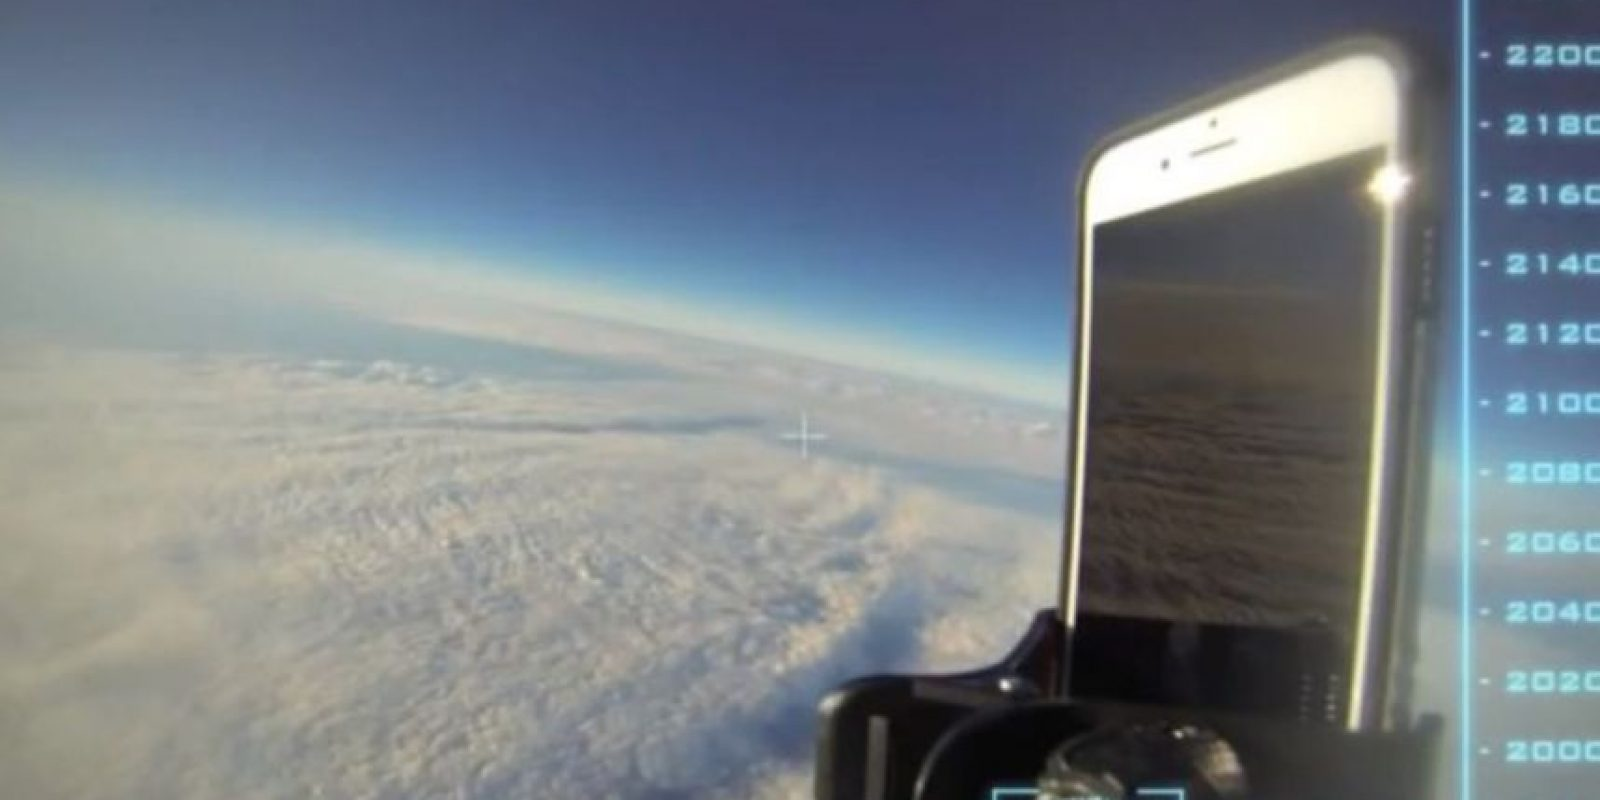 El dispositivo fue dejado caer desde una altitud superior a los 30 mil kilómetros de altura. Foto:vía Urban Armor Gear Inc.